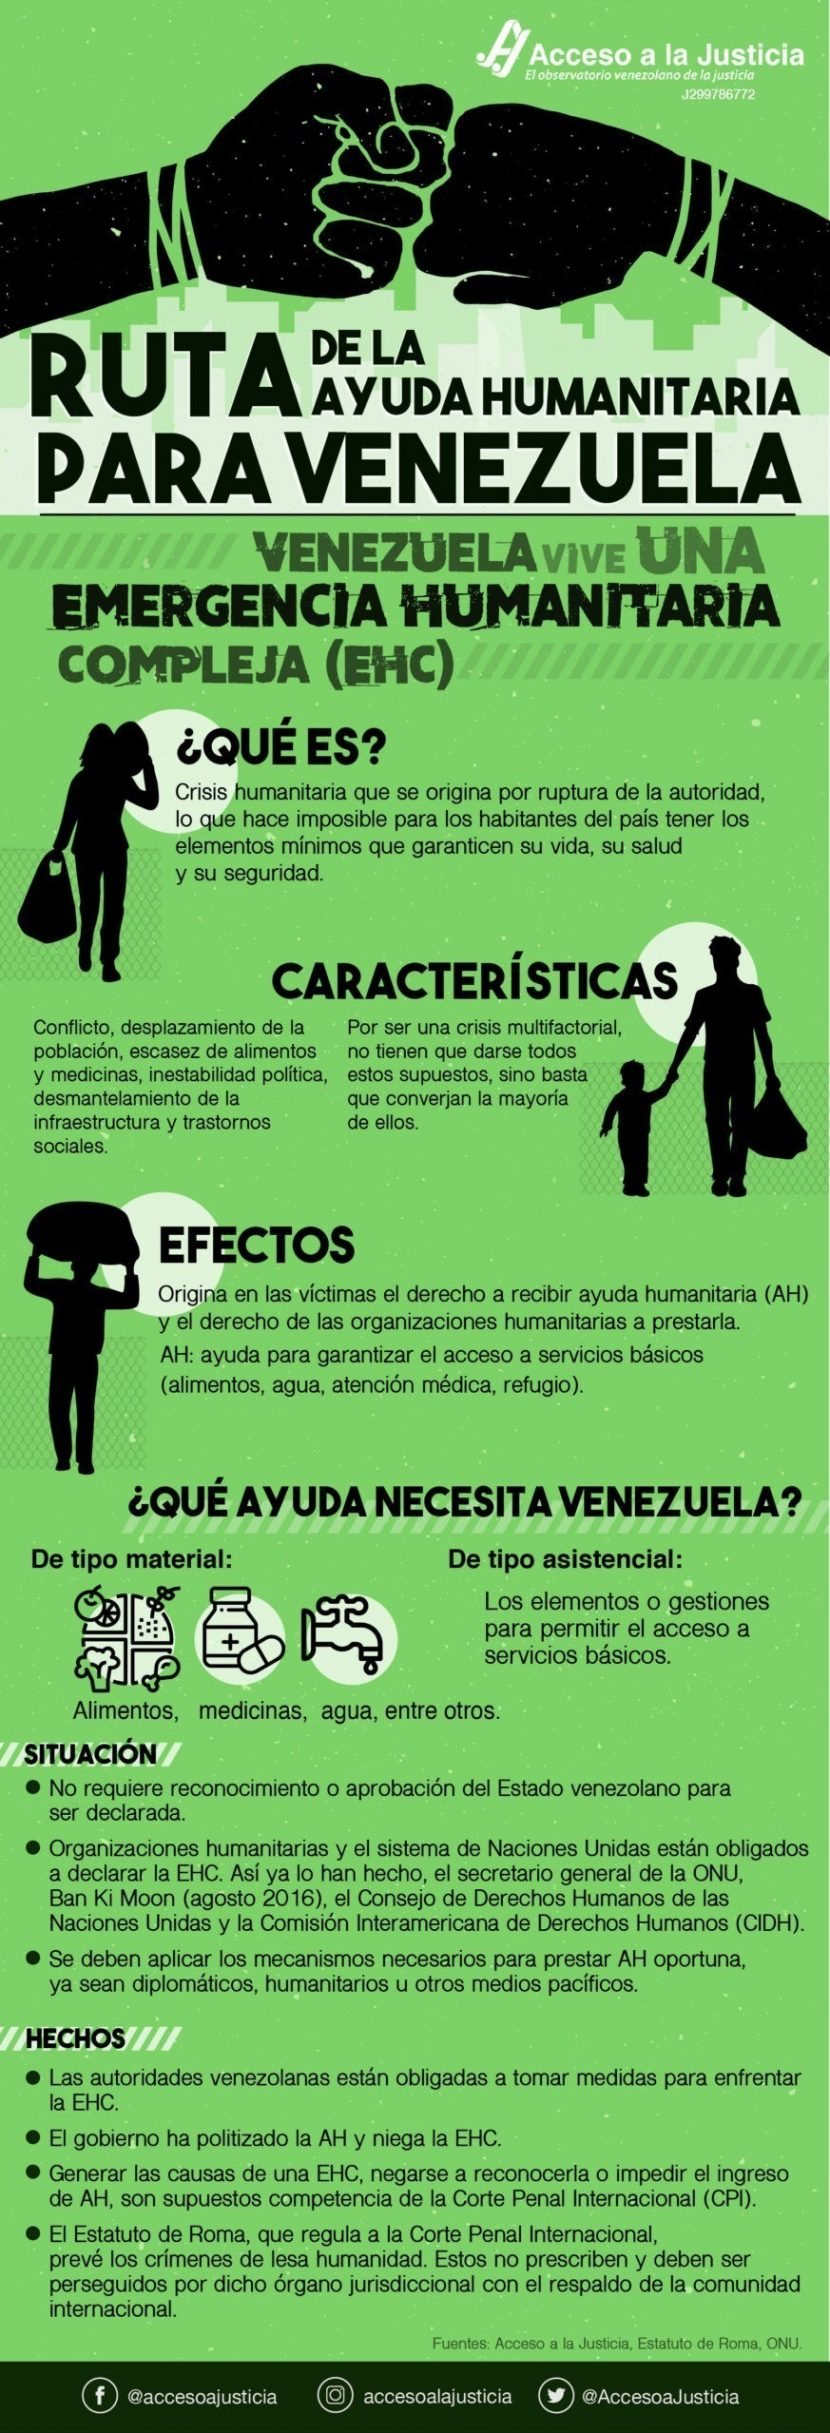 Ruta de la ayuda humanitaria para Venezuela-01